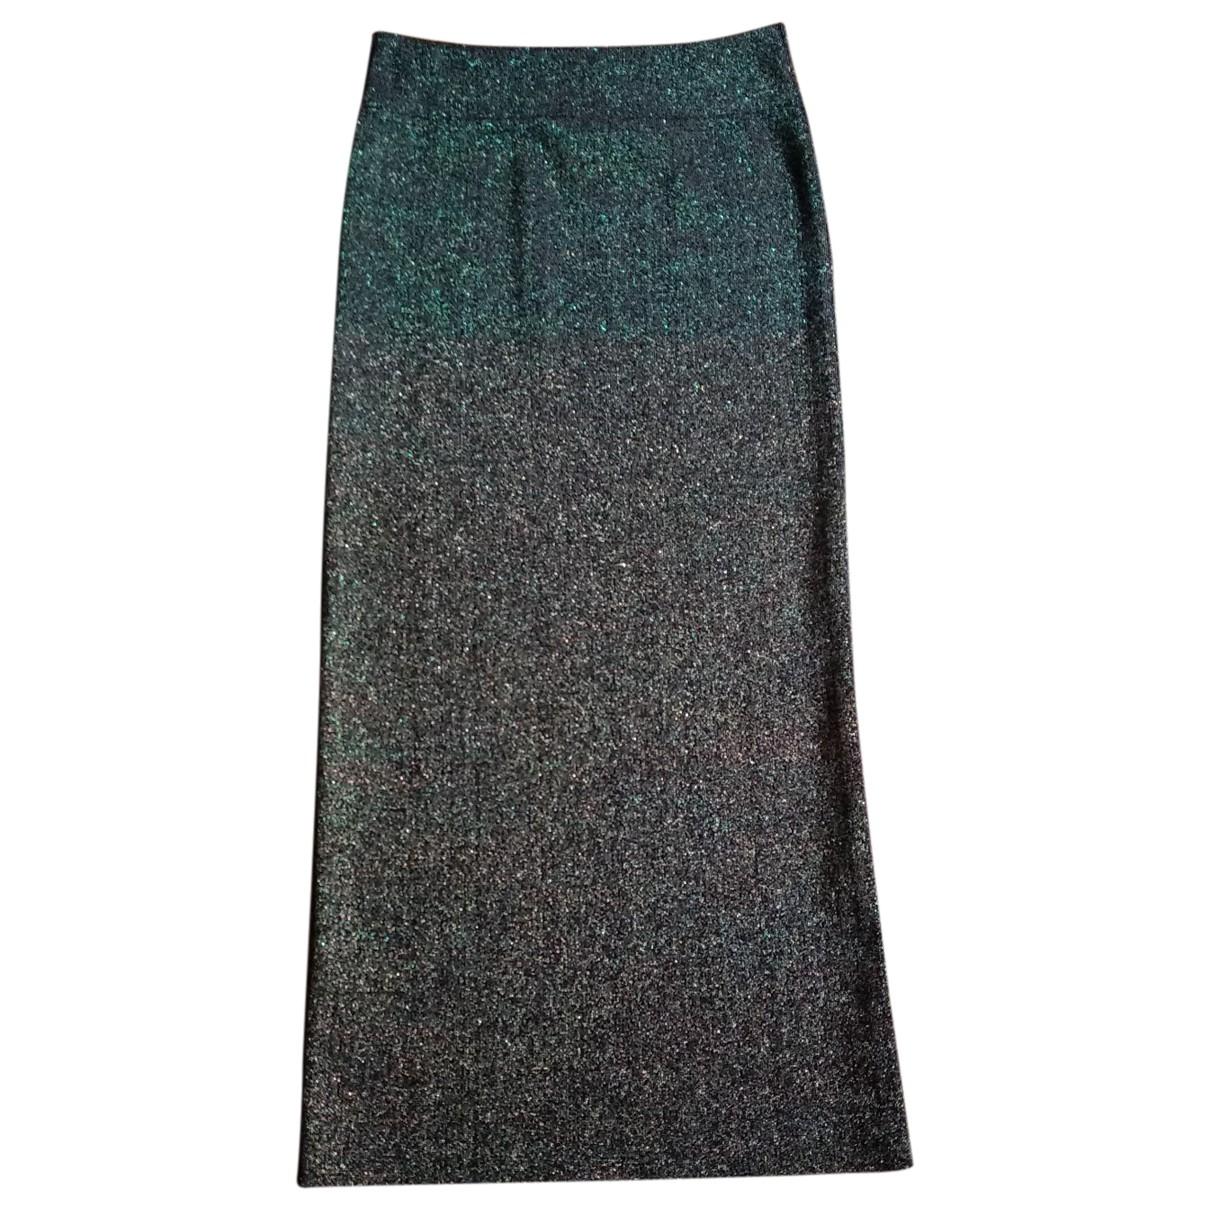 Yves Saint Laurent - Jupe   pour femme en laine - vert